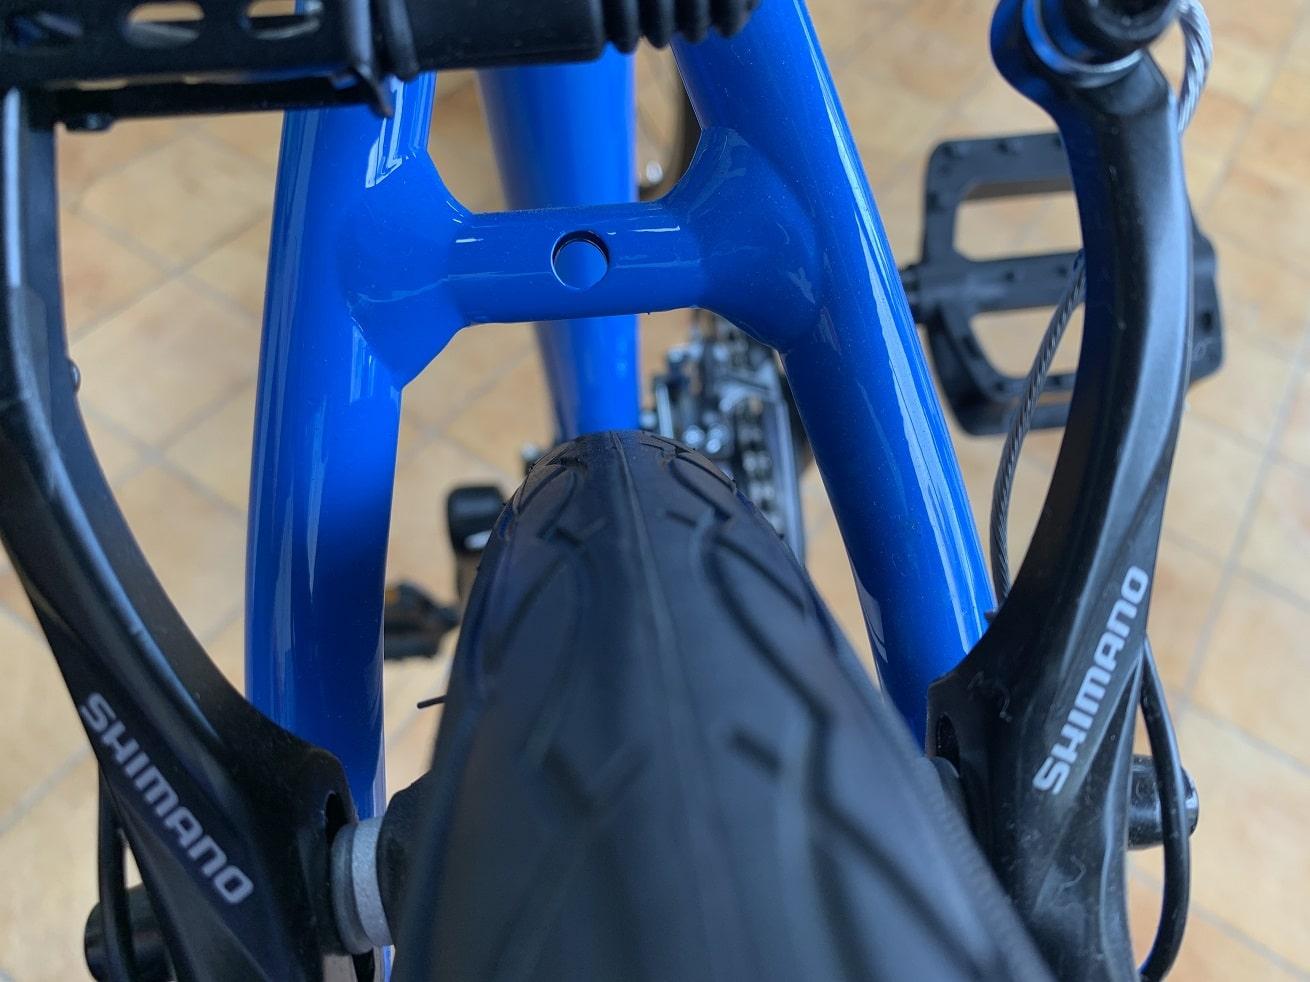 クロスバイクフェンダー取付時のチェック項目「タイヤクリアランス」